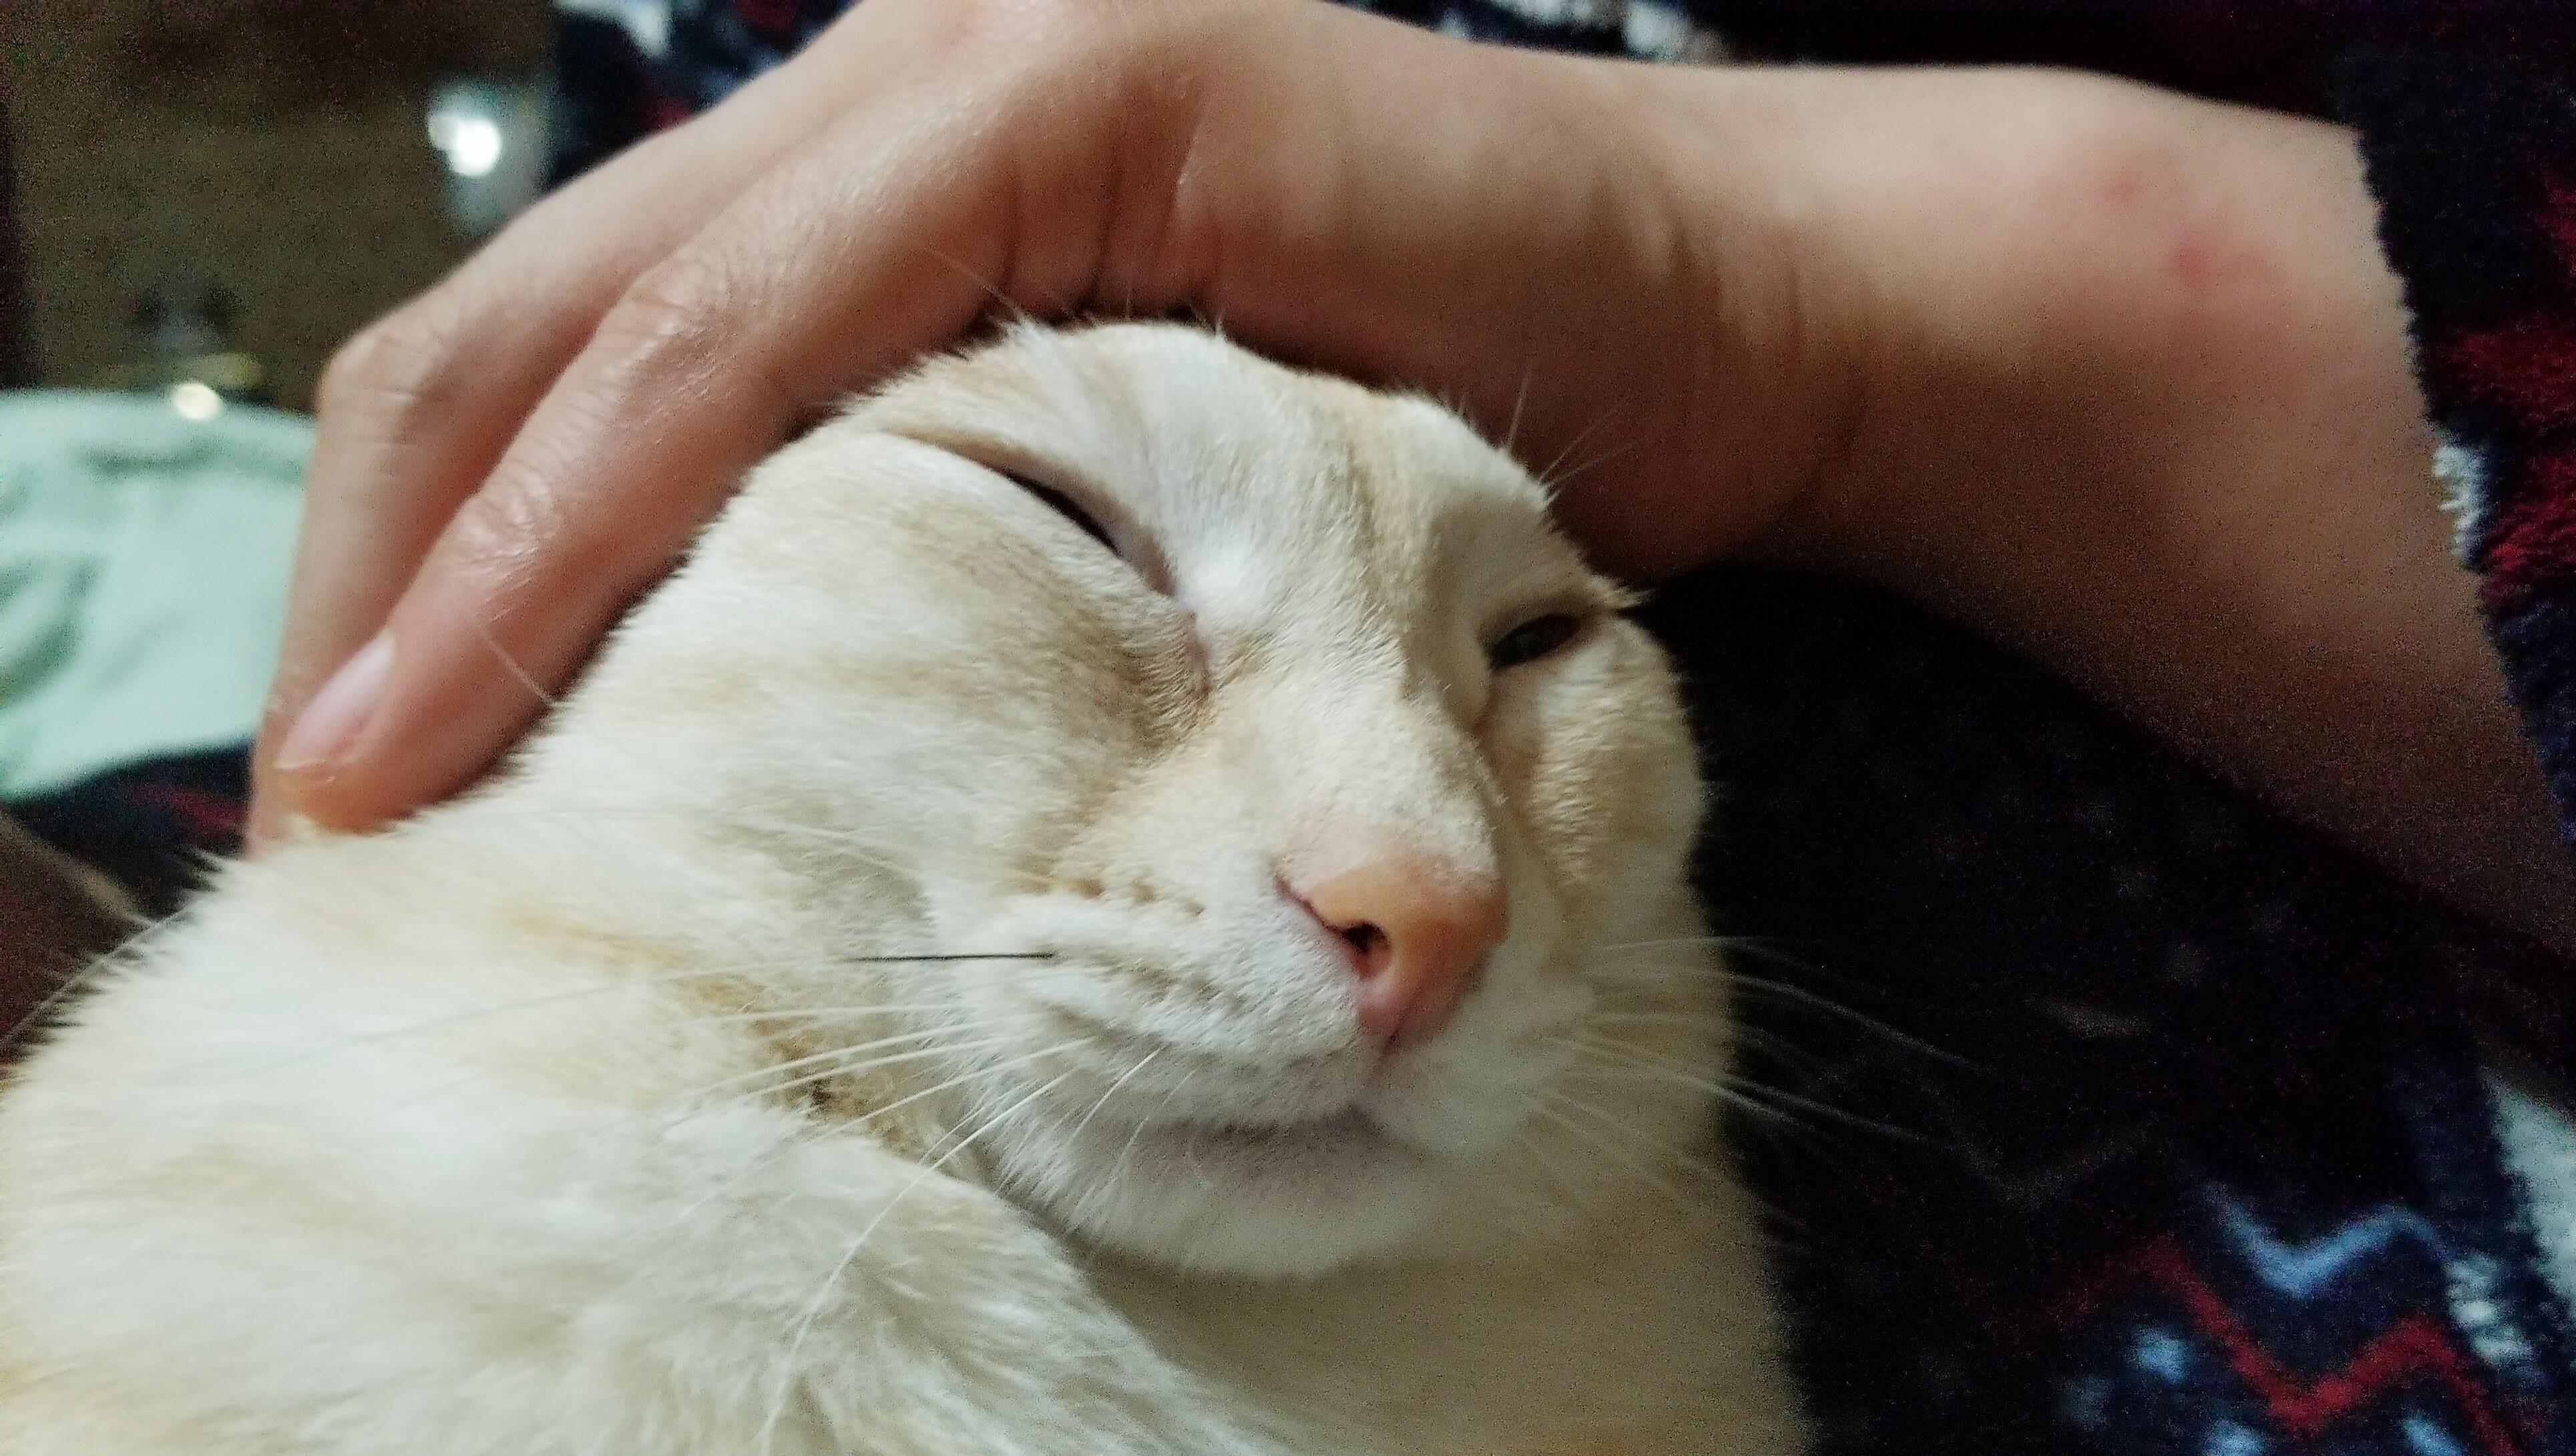 ペットマイファミリー猫大好きにゃんこかわいい変顔おもしろい画像